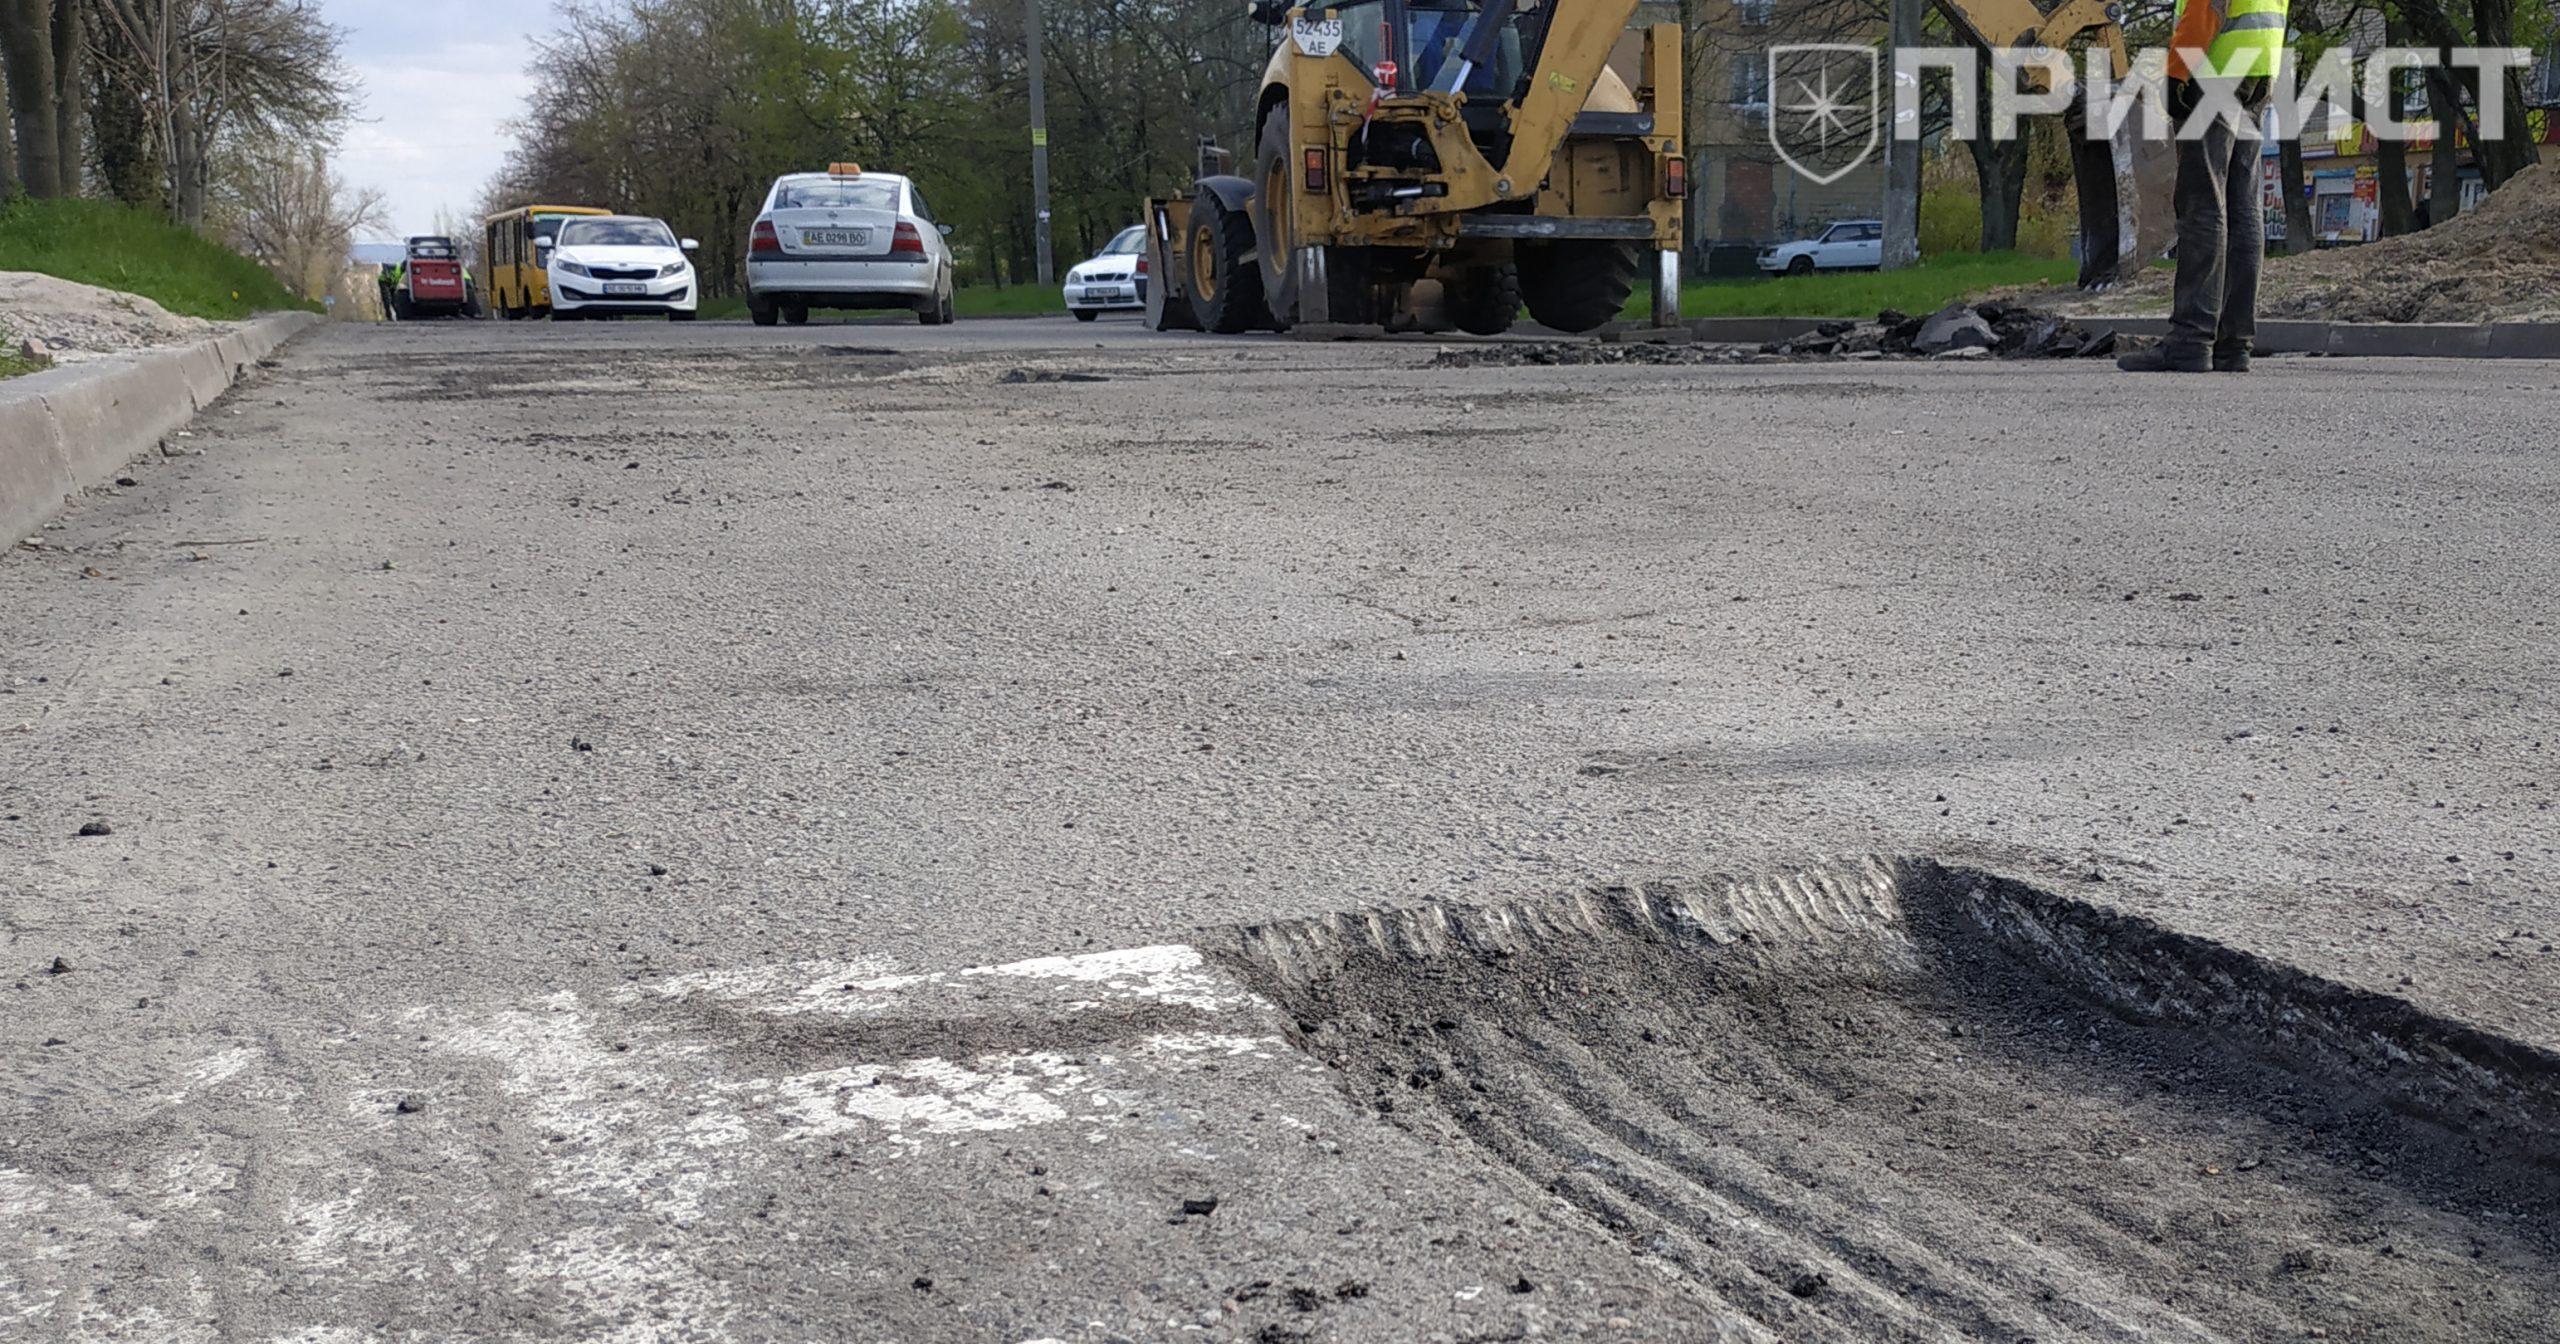 В Никополе начали ремонтировать дороги на ул. Шевченко и ул. Преображенская | Прихист